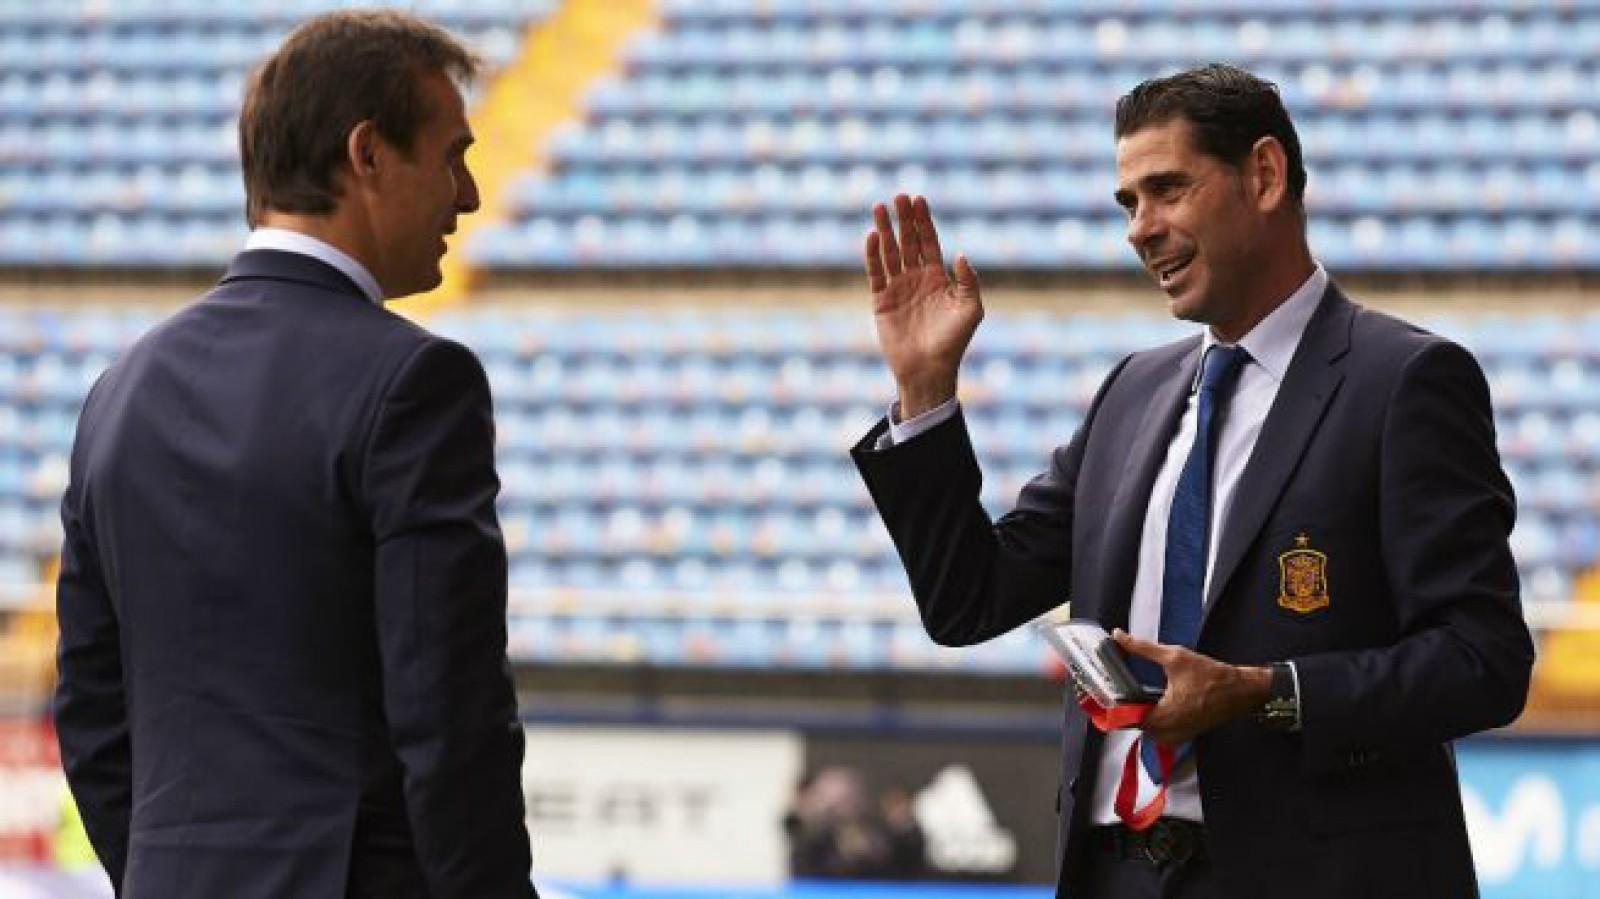 Selecționerul Spaniei Julen Lopetegui a fost demis cu o zi înainte de startul Campionatului Mondial! Naționala va fi condusă de Fernando Hierro